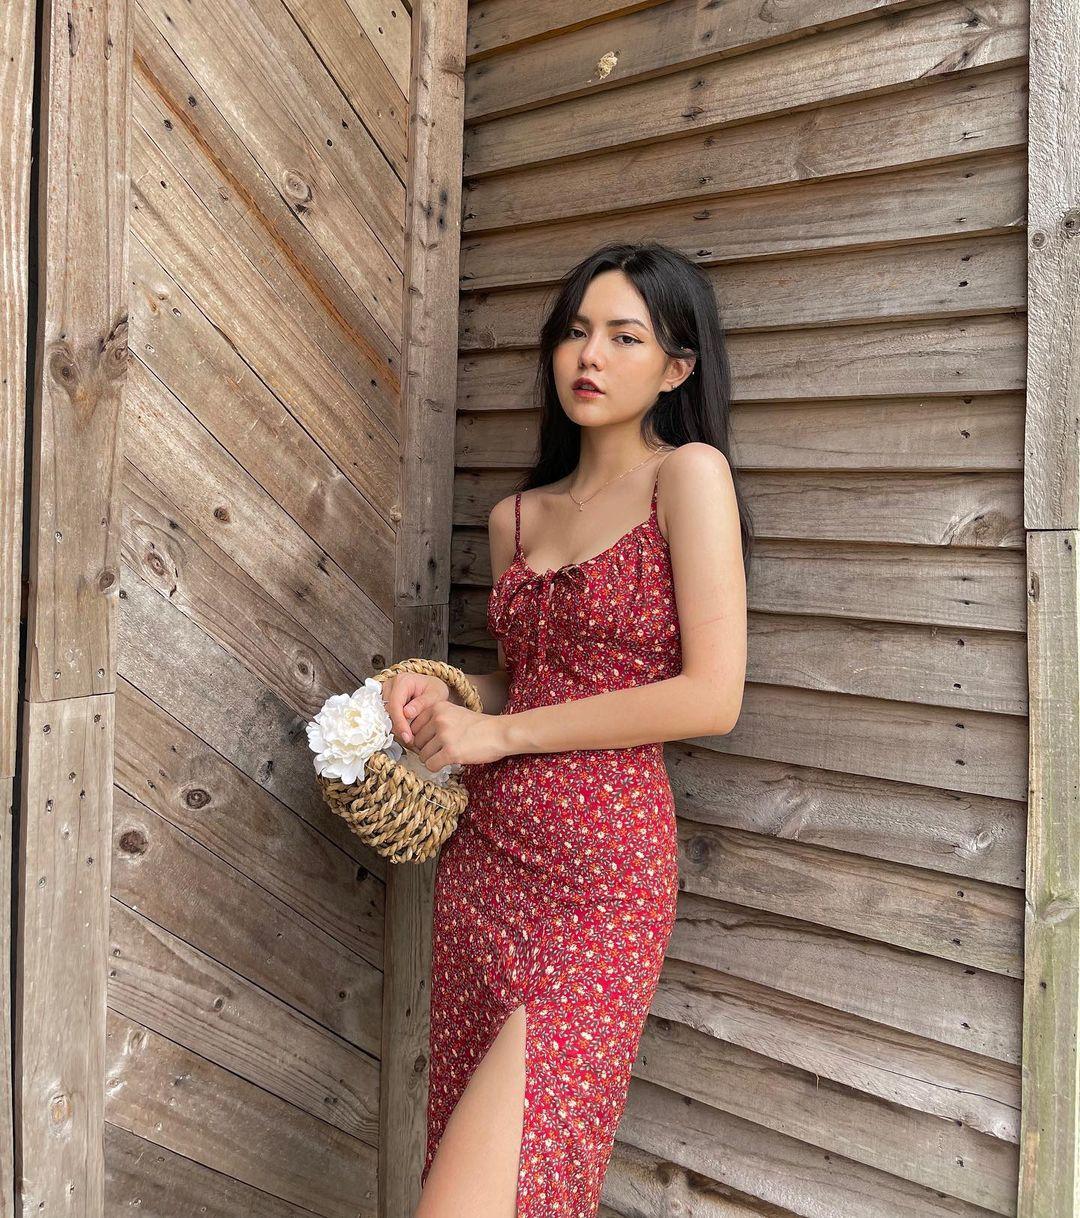 Hết Hà Tăng đến Mai Davika lăng xê, đây đúng là kiểu váy hot nhất Hè này rồi - Ảnh 10.